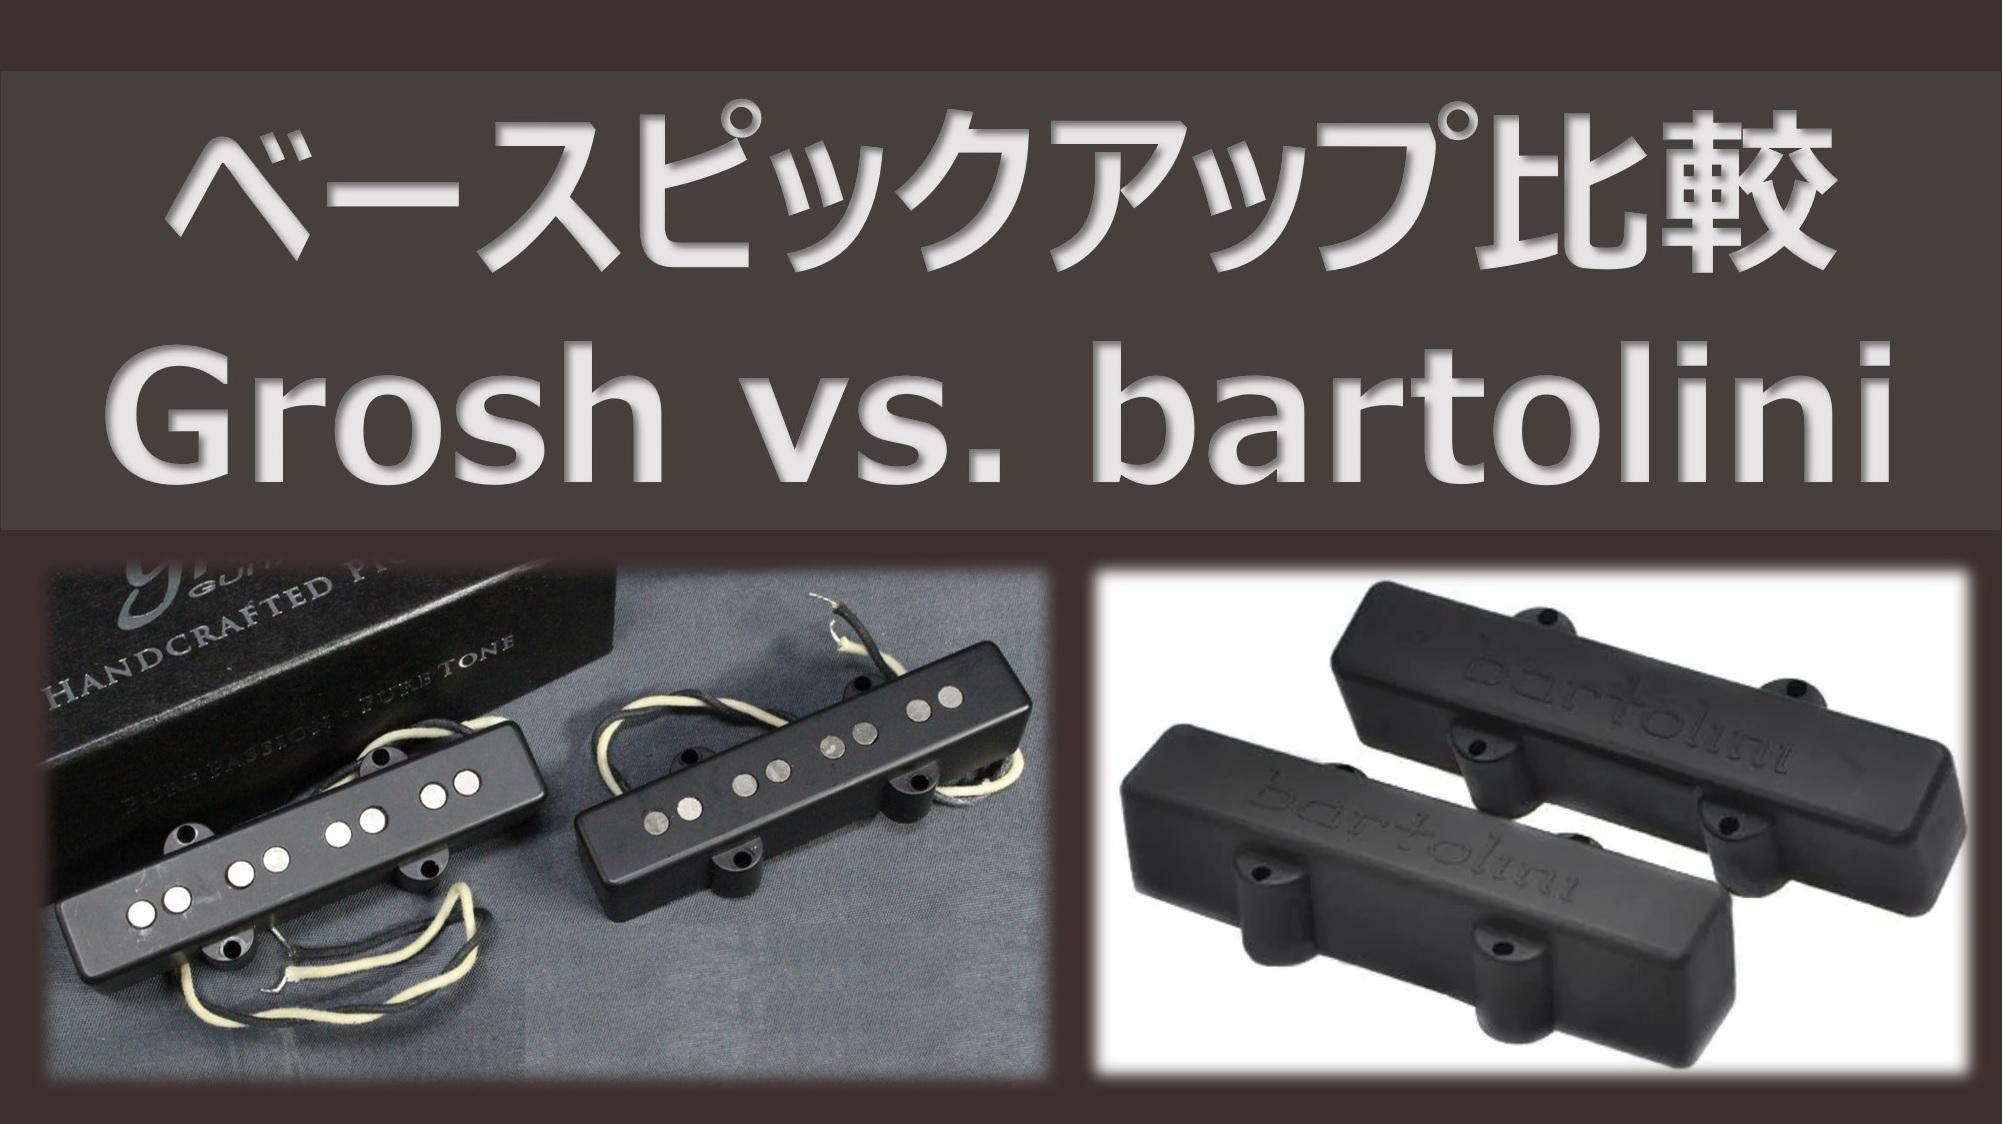 ベースピックアップ比較, Grosh vs. Bartolini